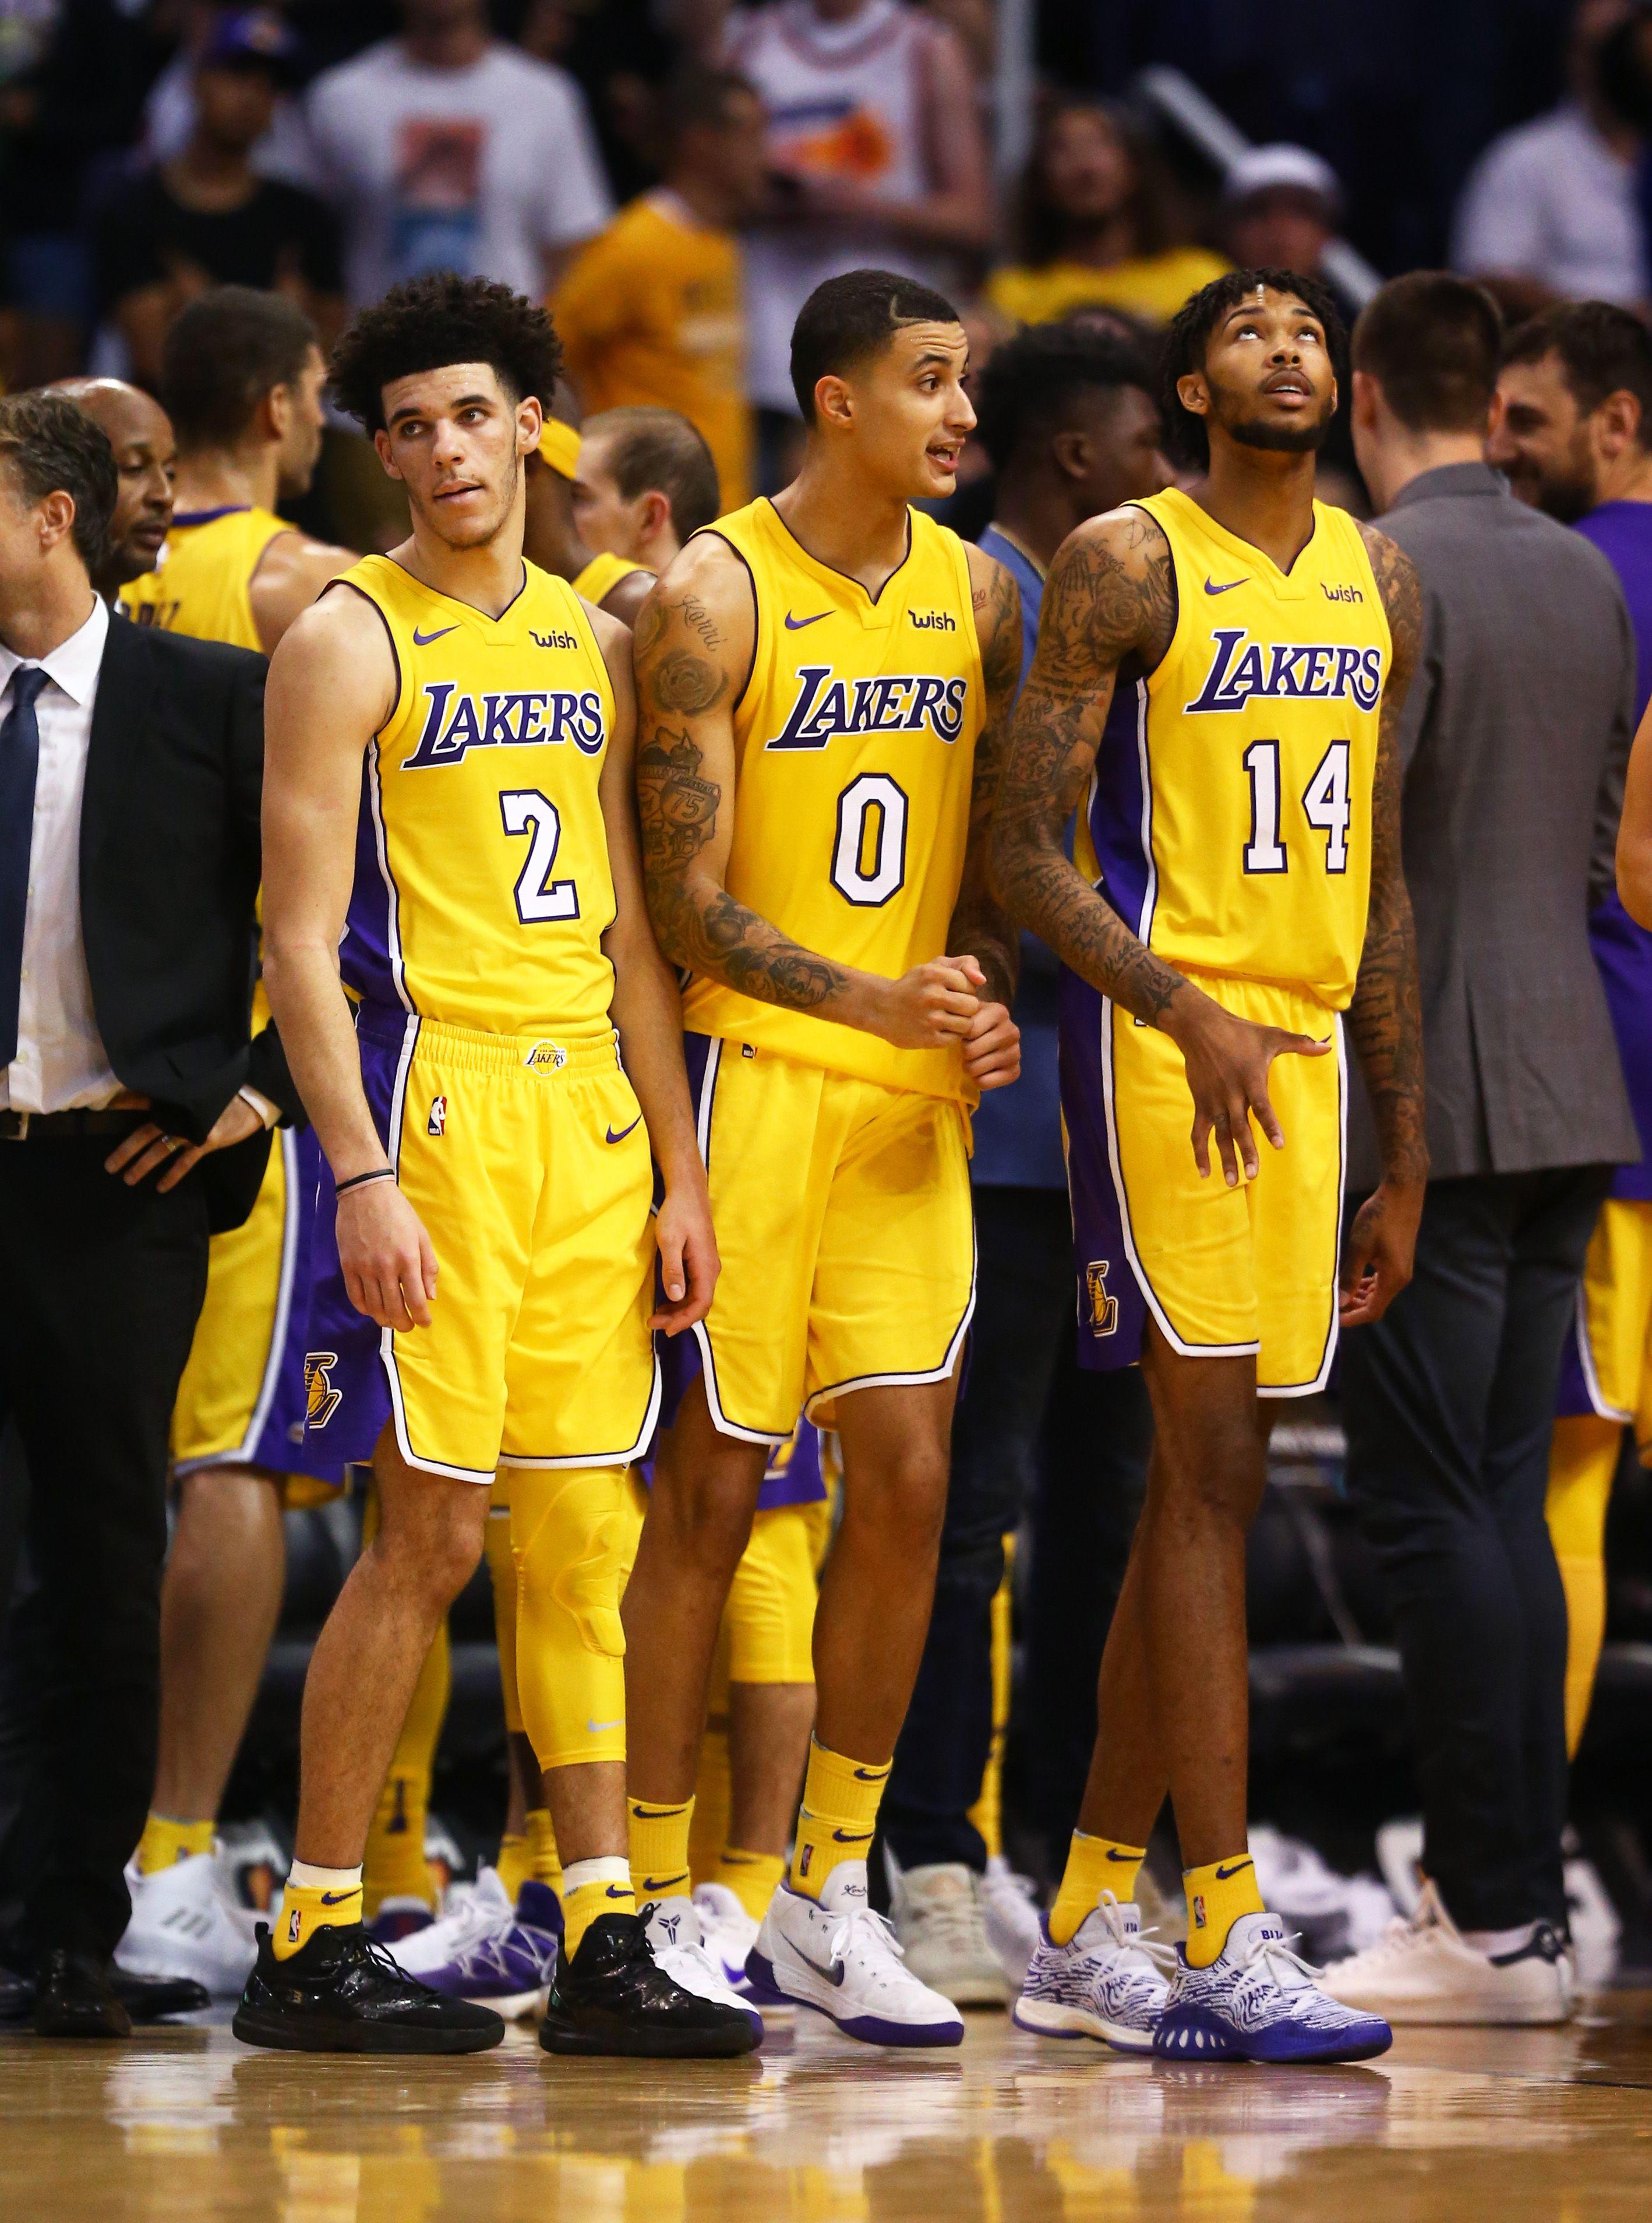 Lakers Nba Basketball Kyle Kuzma Lonzo Ball Brandon Ingram Basketball Court Size Basketball Tshirt Designs Basketball Girls